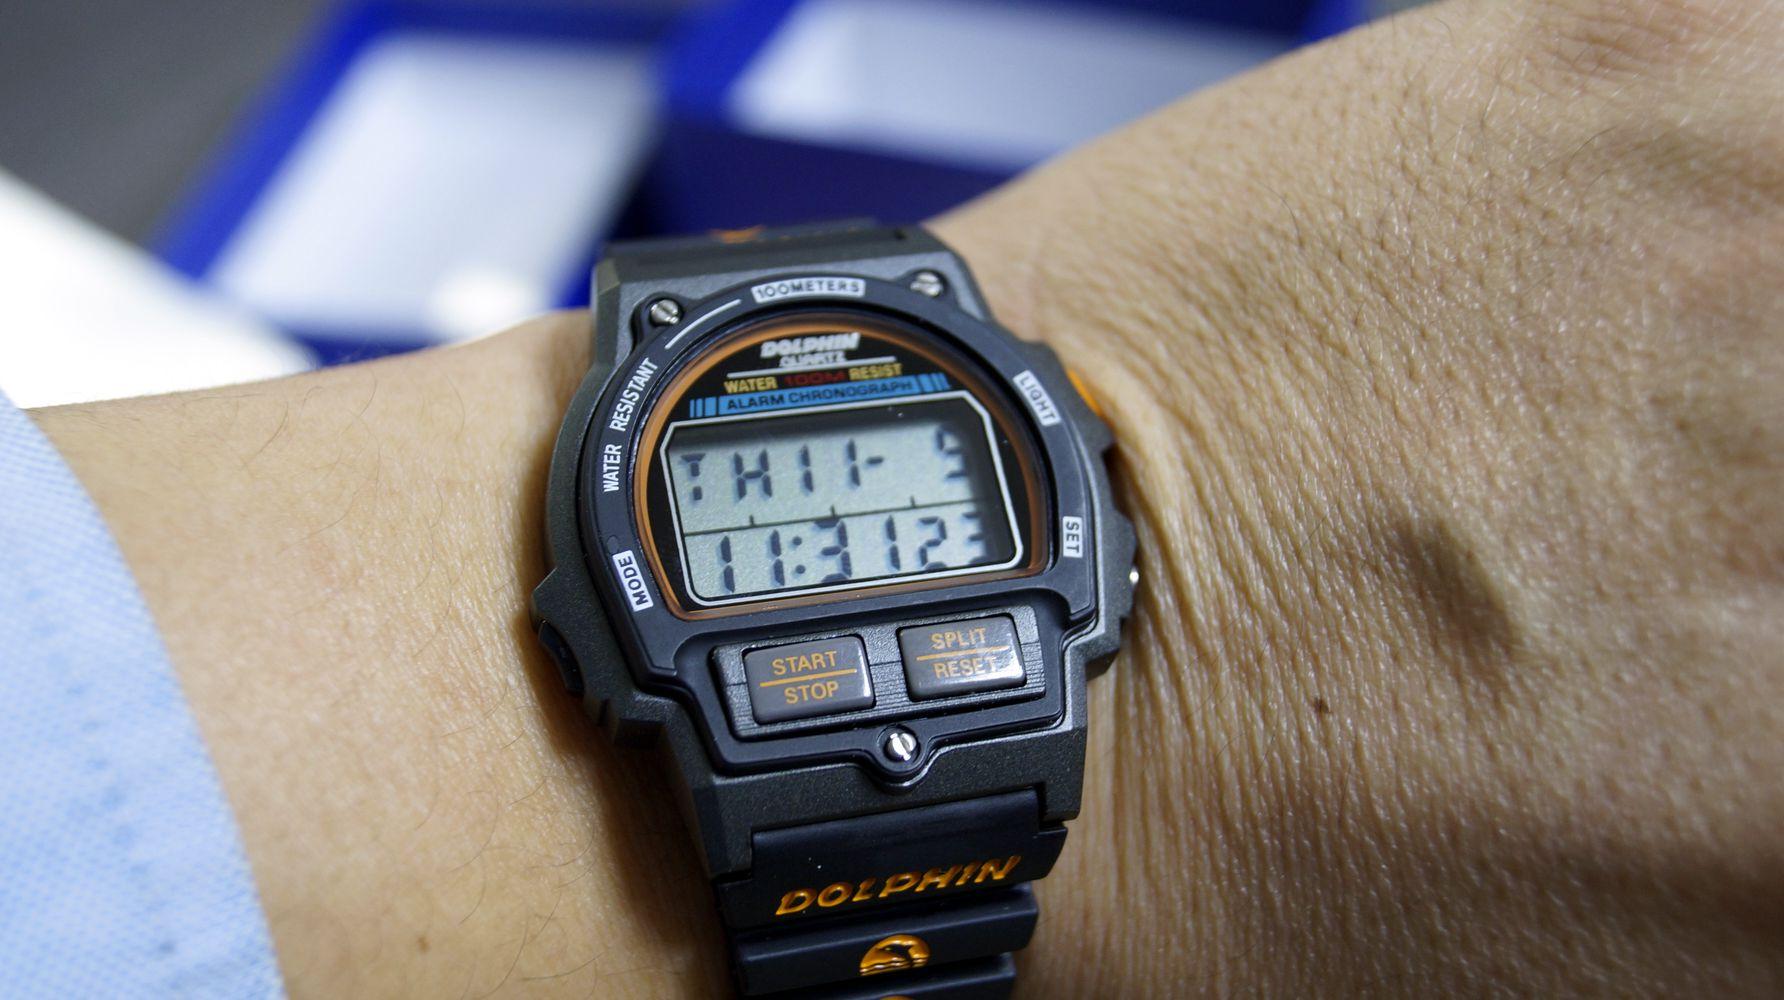 돌핀시계 MRP567-7 착용후 시간